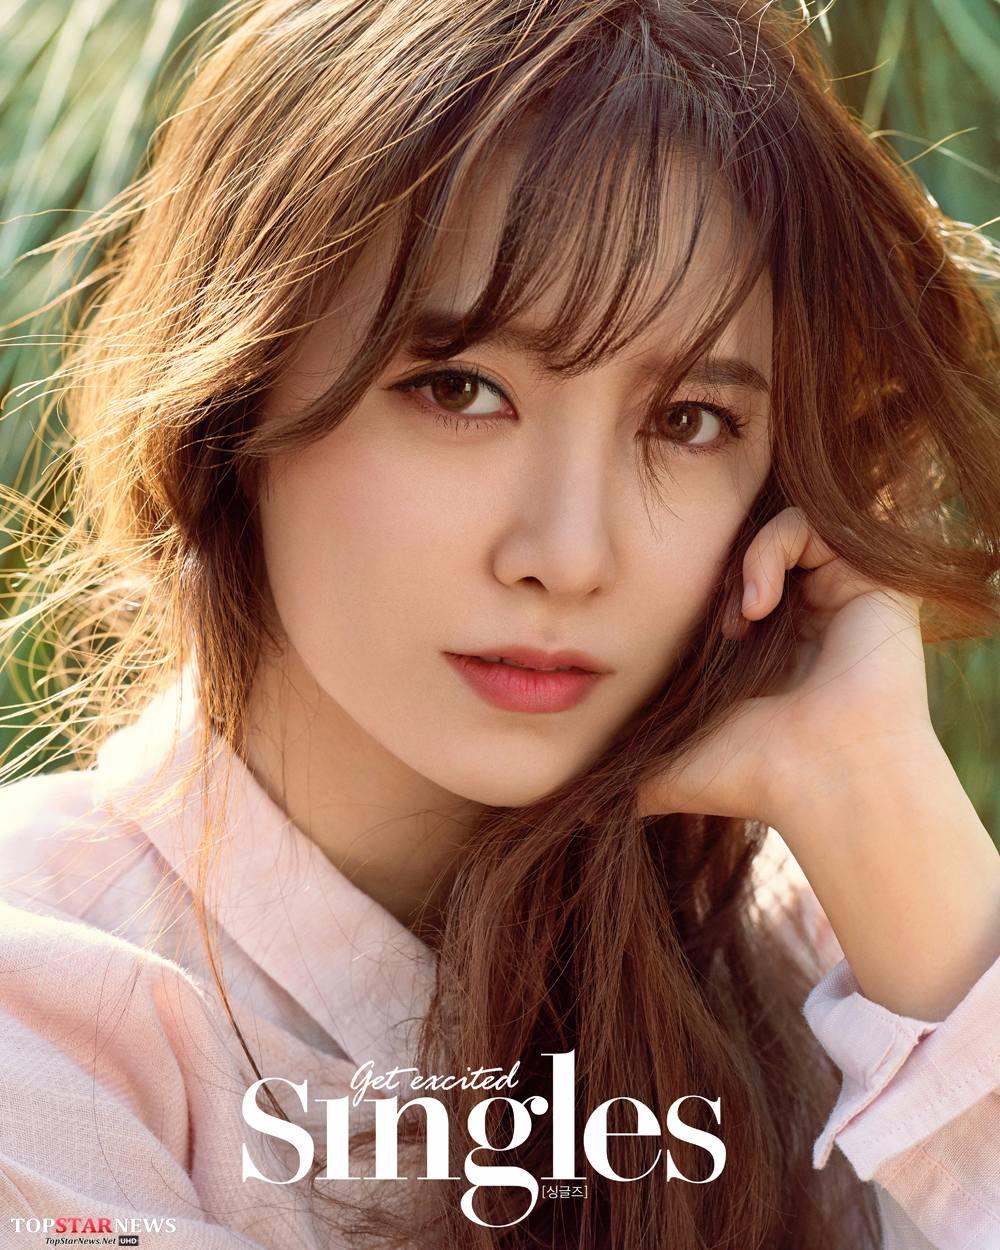 如果要說韓國以「皮膚」無瑕而出名的美女,想必不少人第一個想到的就是演出《花樣男子》、《Blood》等知名劇集而大紅的演員具惠善